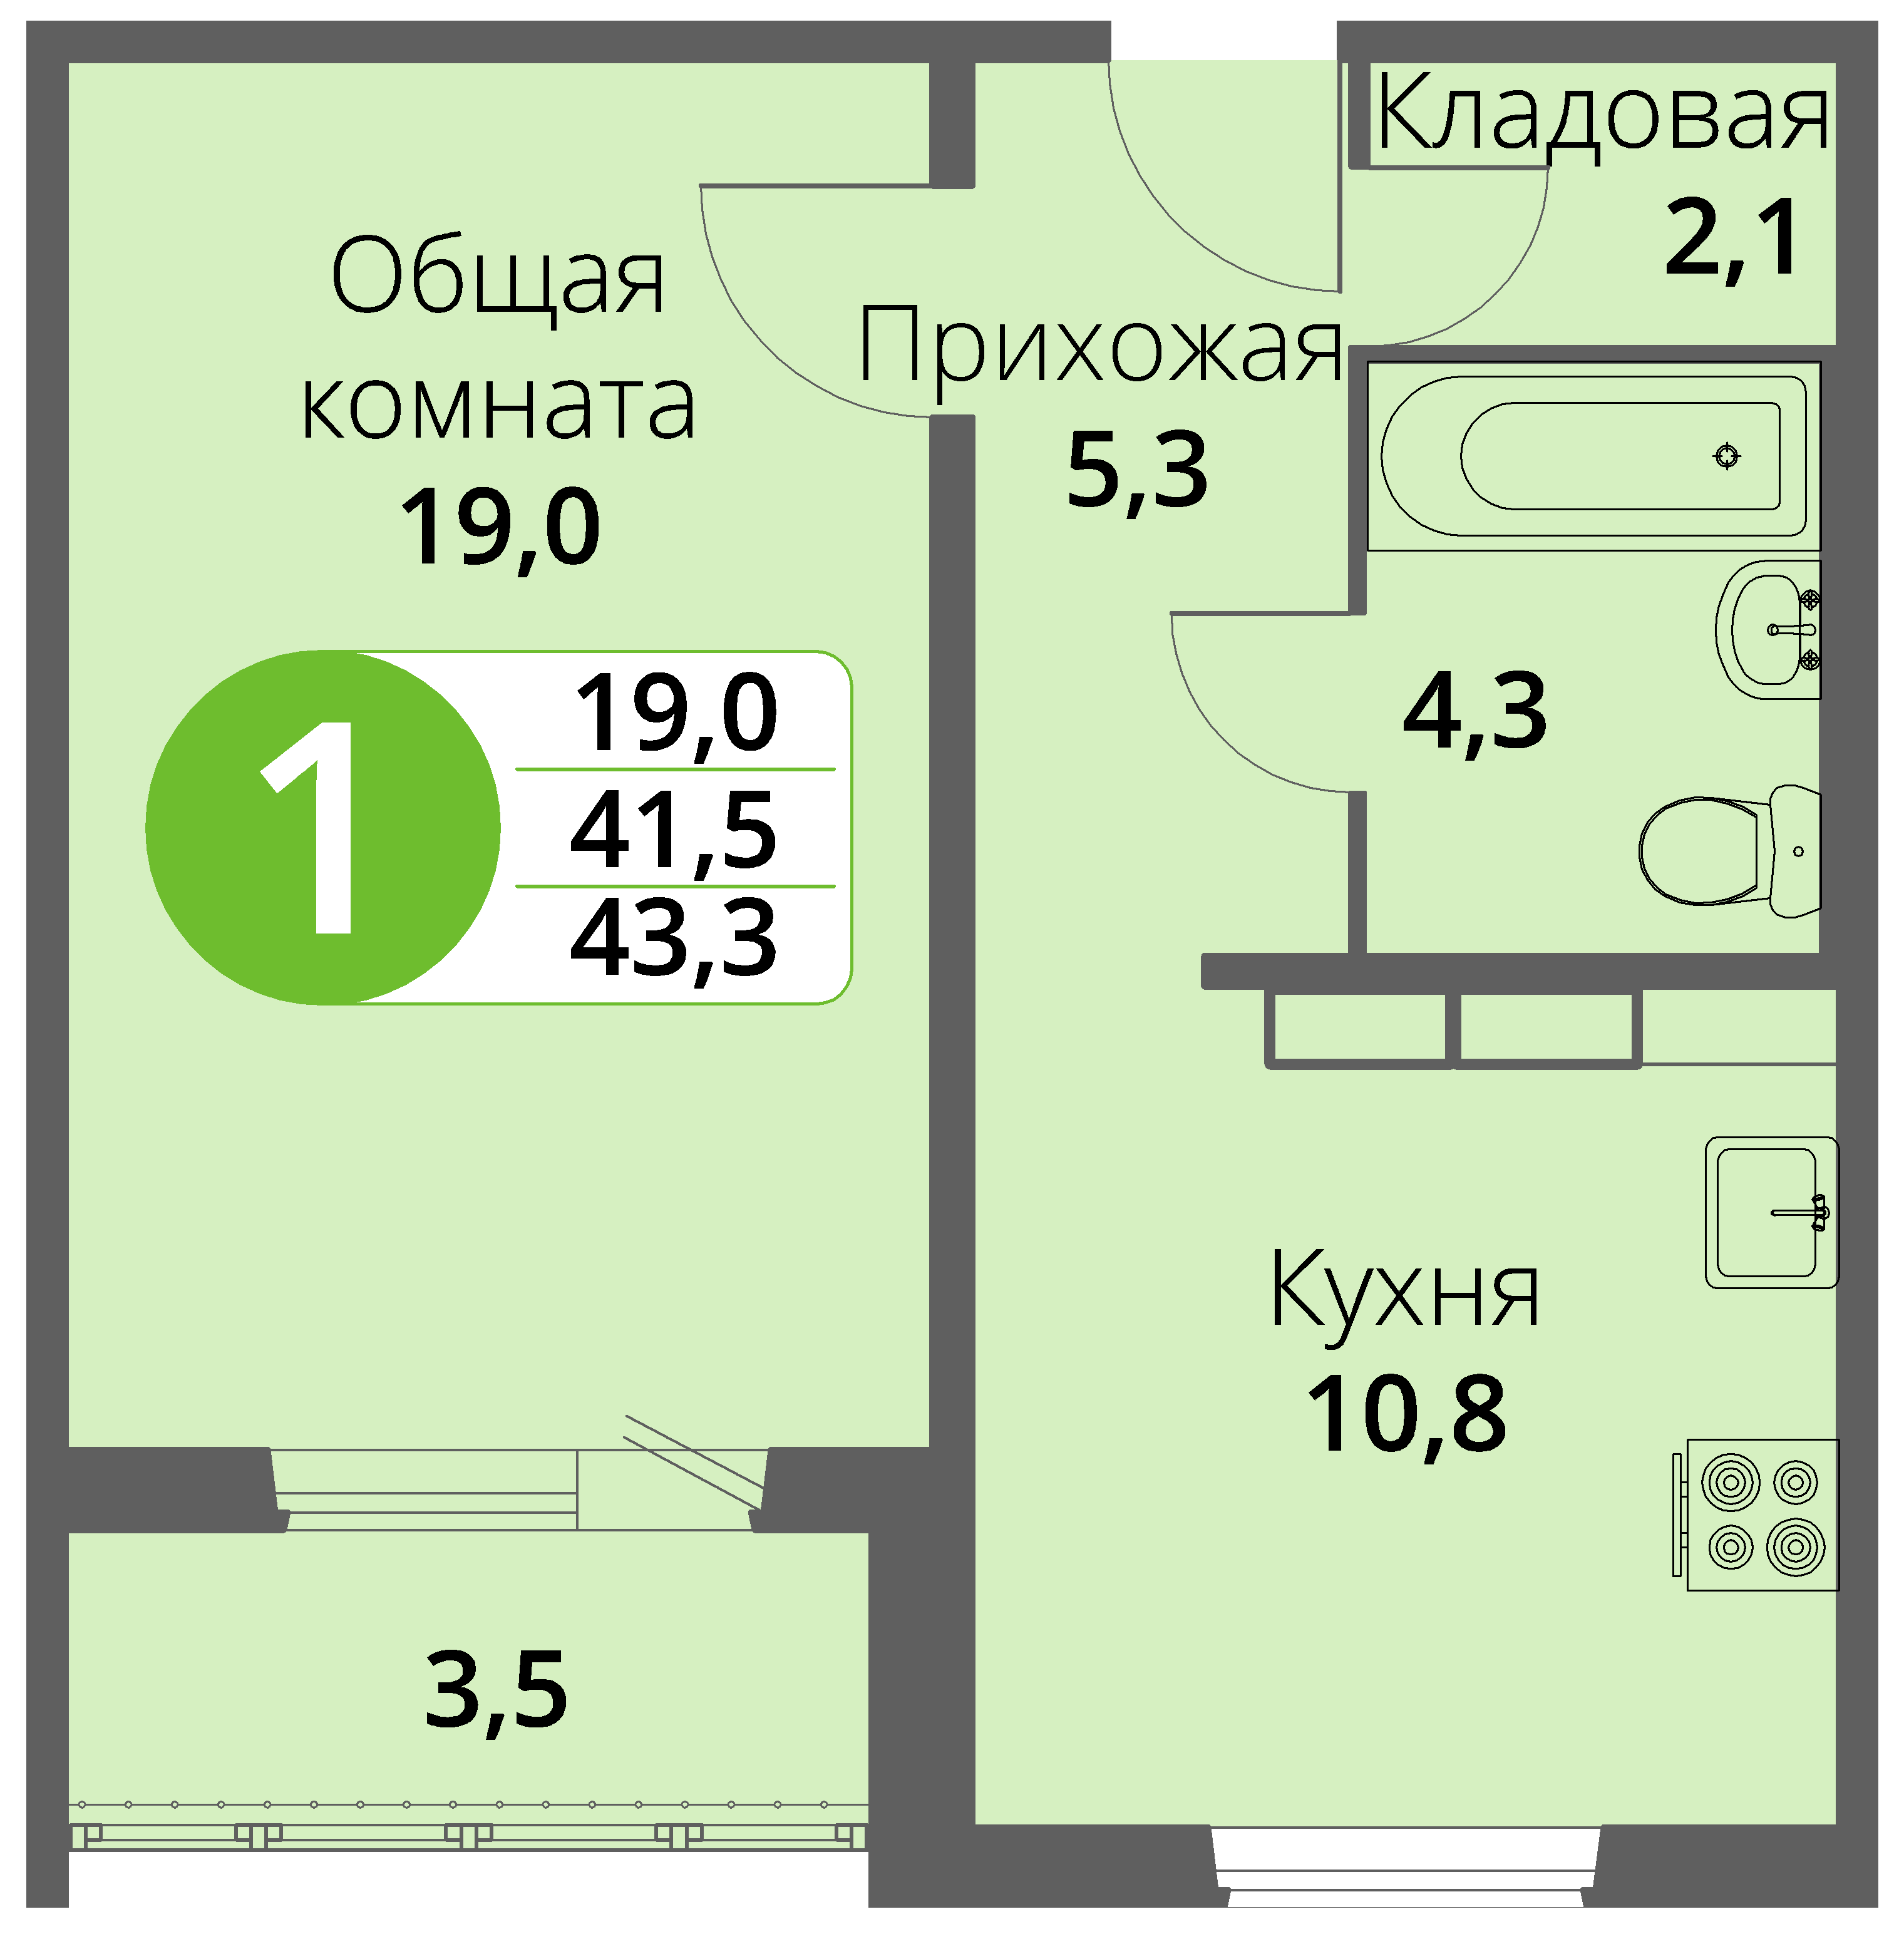 Зареченская 1-2, квартира 54 - Однокомнатная